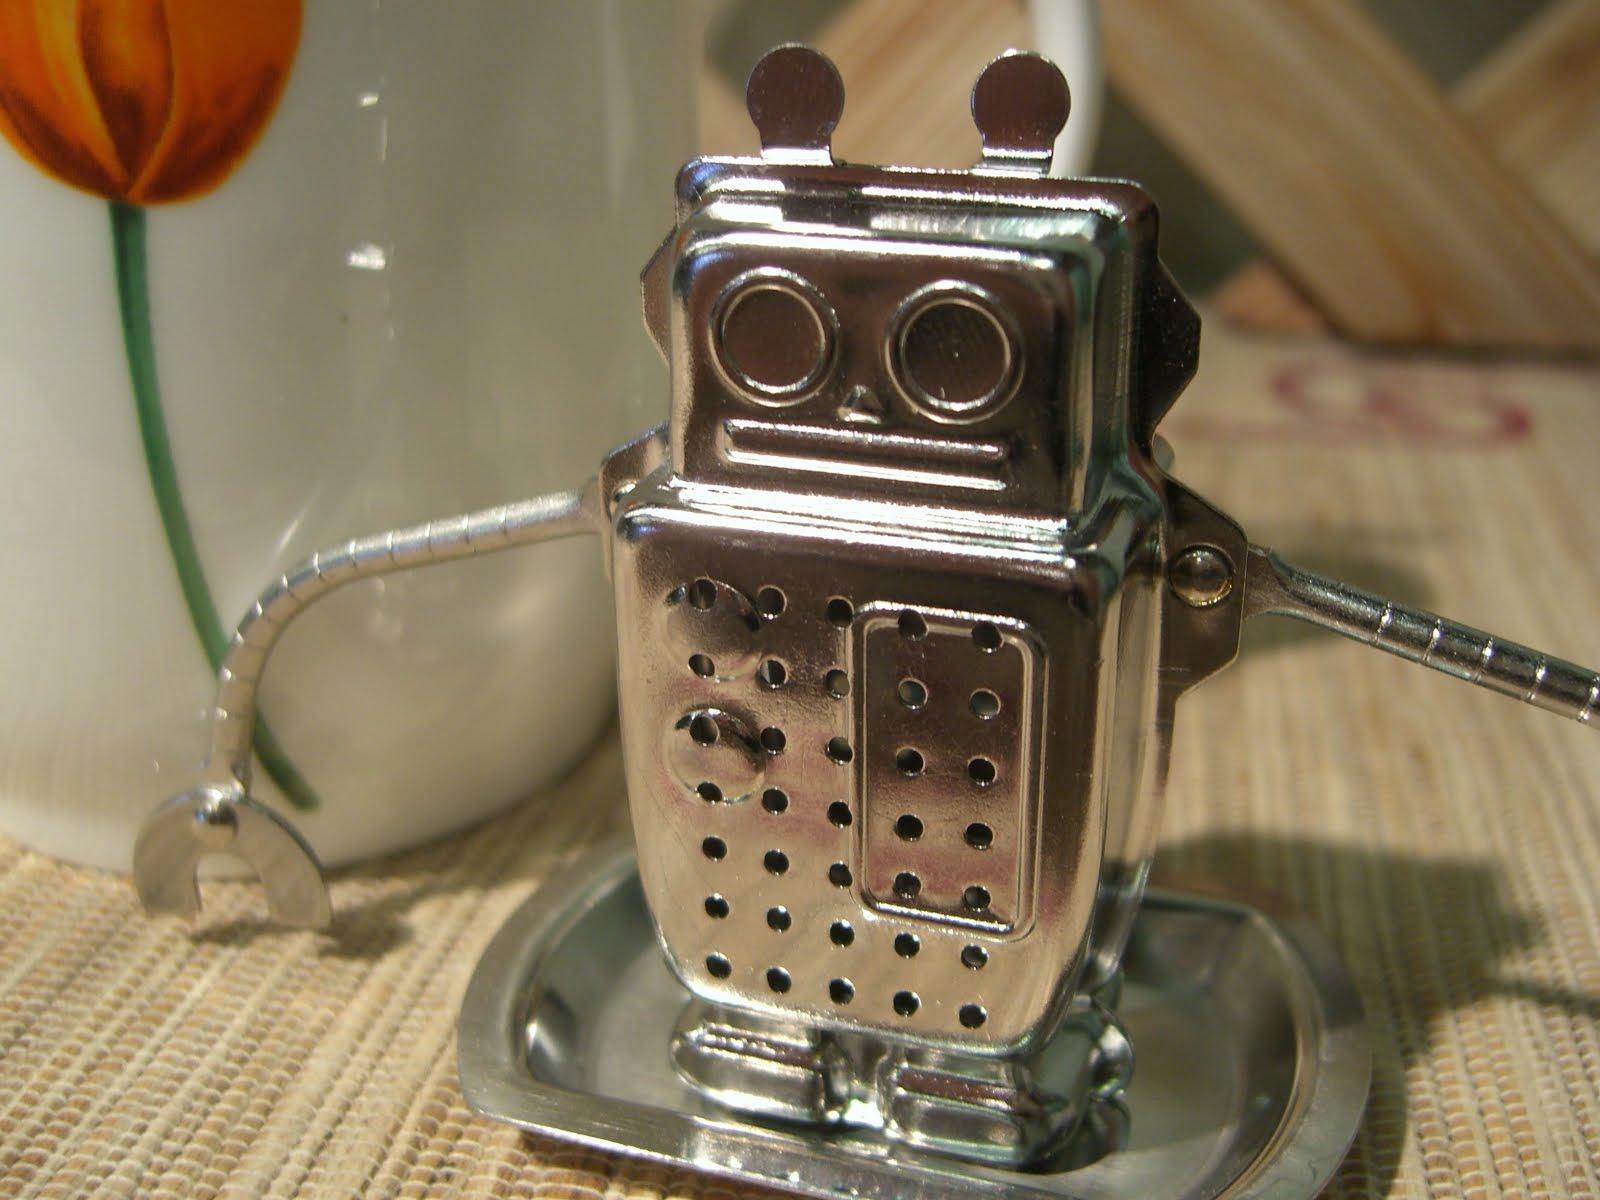 The Perennial Tea Room Hugo The Robot